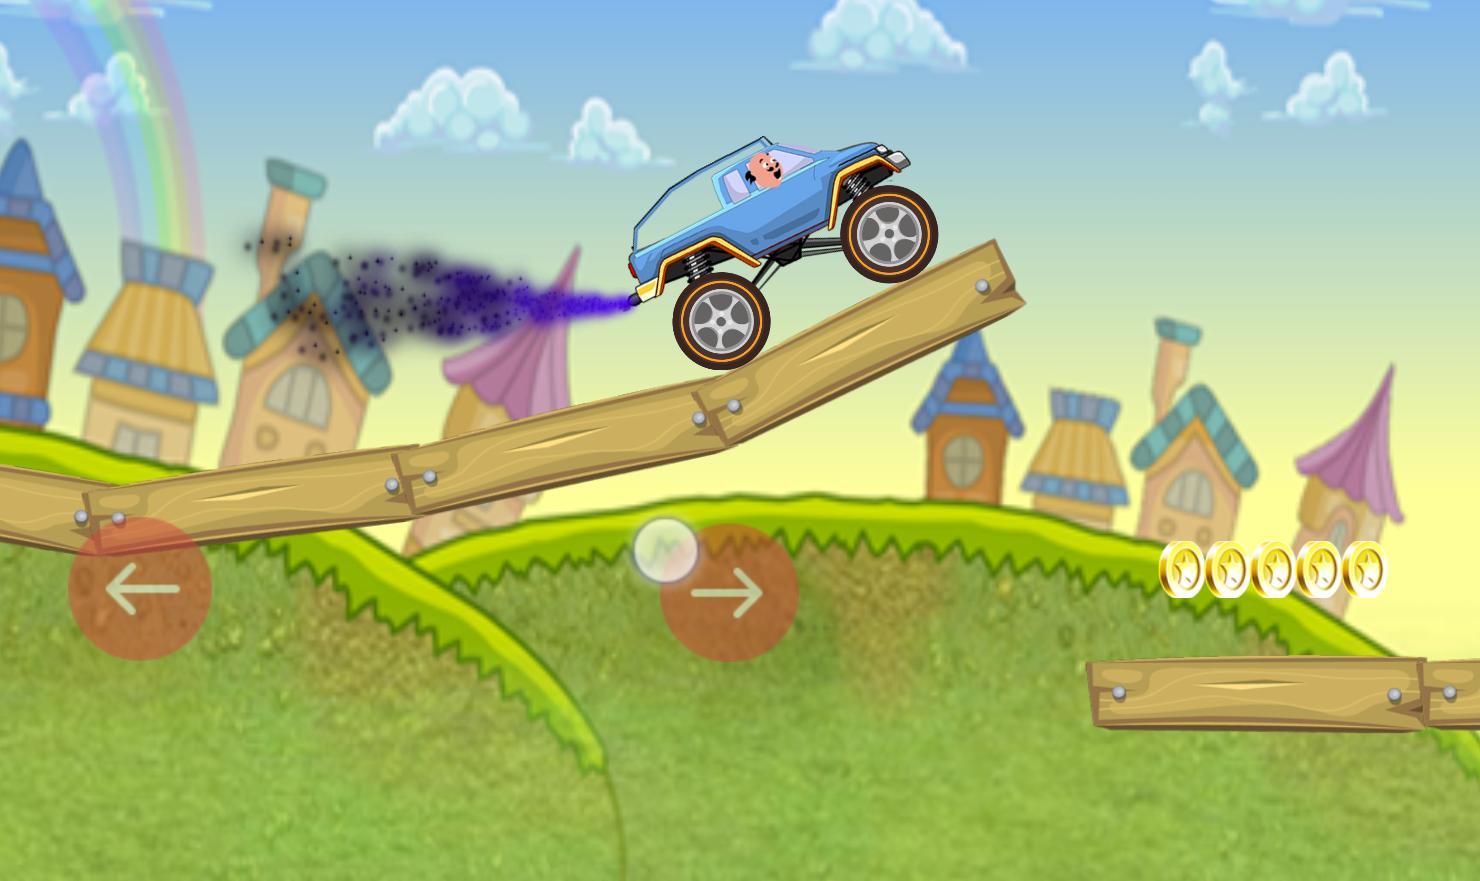 Motu Racing: Hill climb truck race patlu 10 screenshot 4